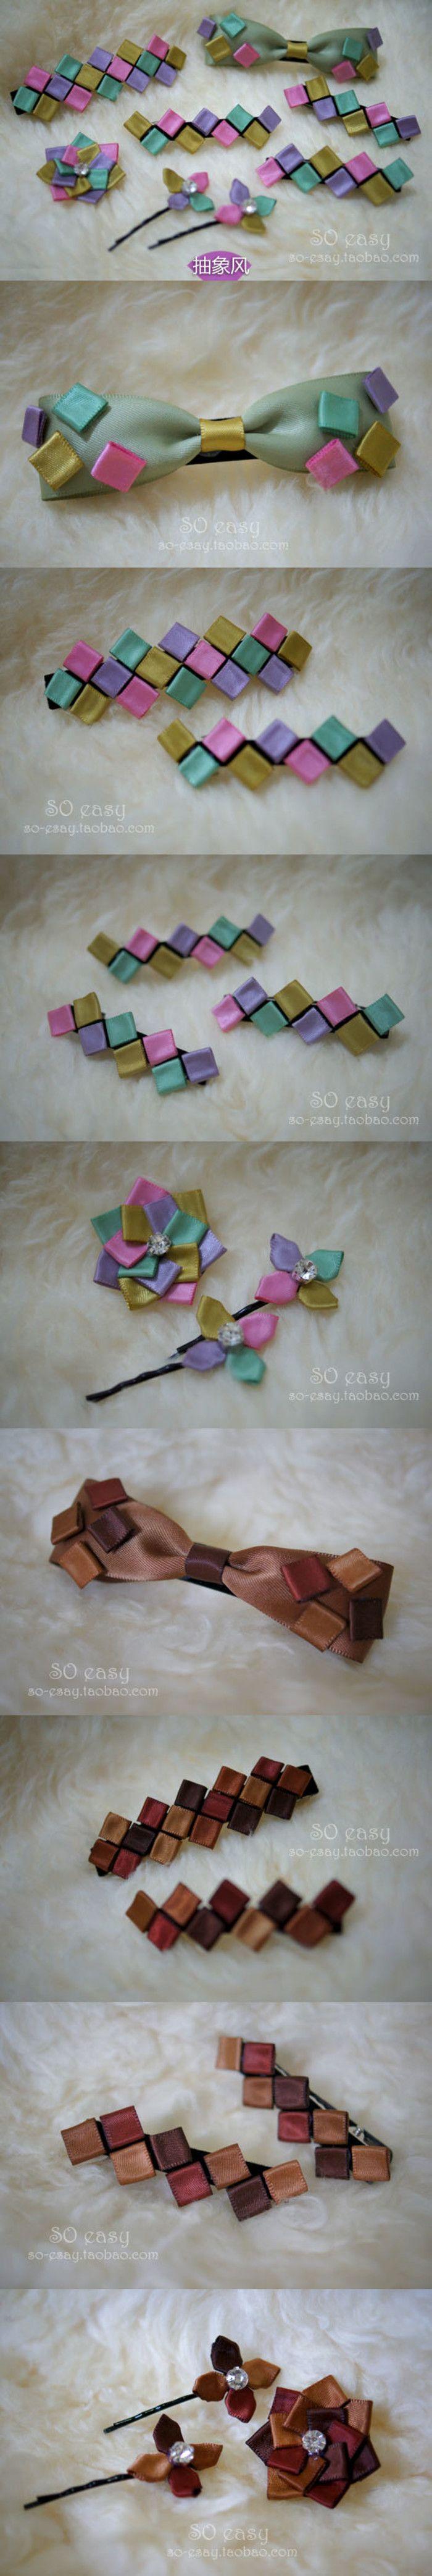 其实这个系列里最好看的是那花朵小边夹。 http://item.taobao.com/item.htm?id=35147160197